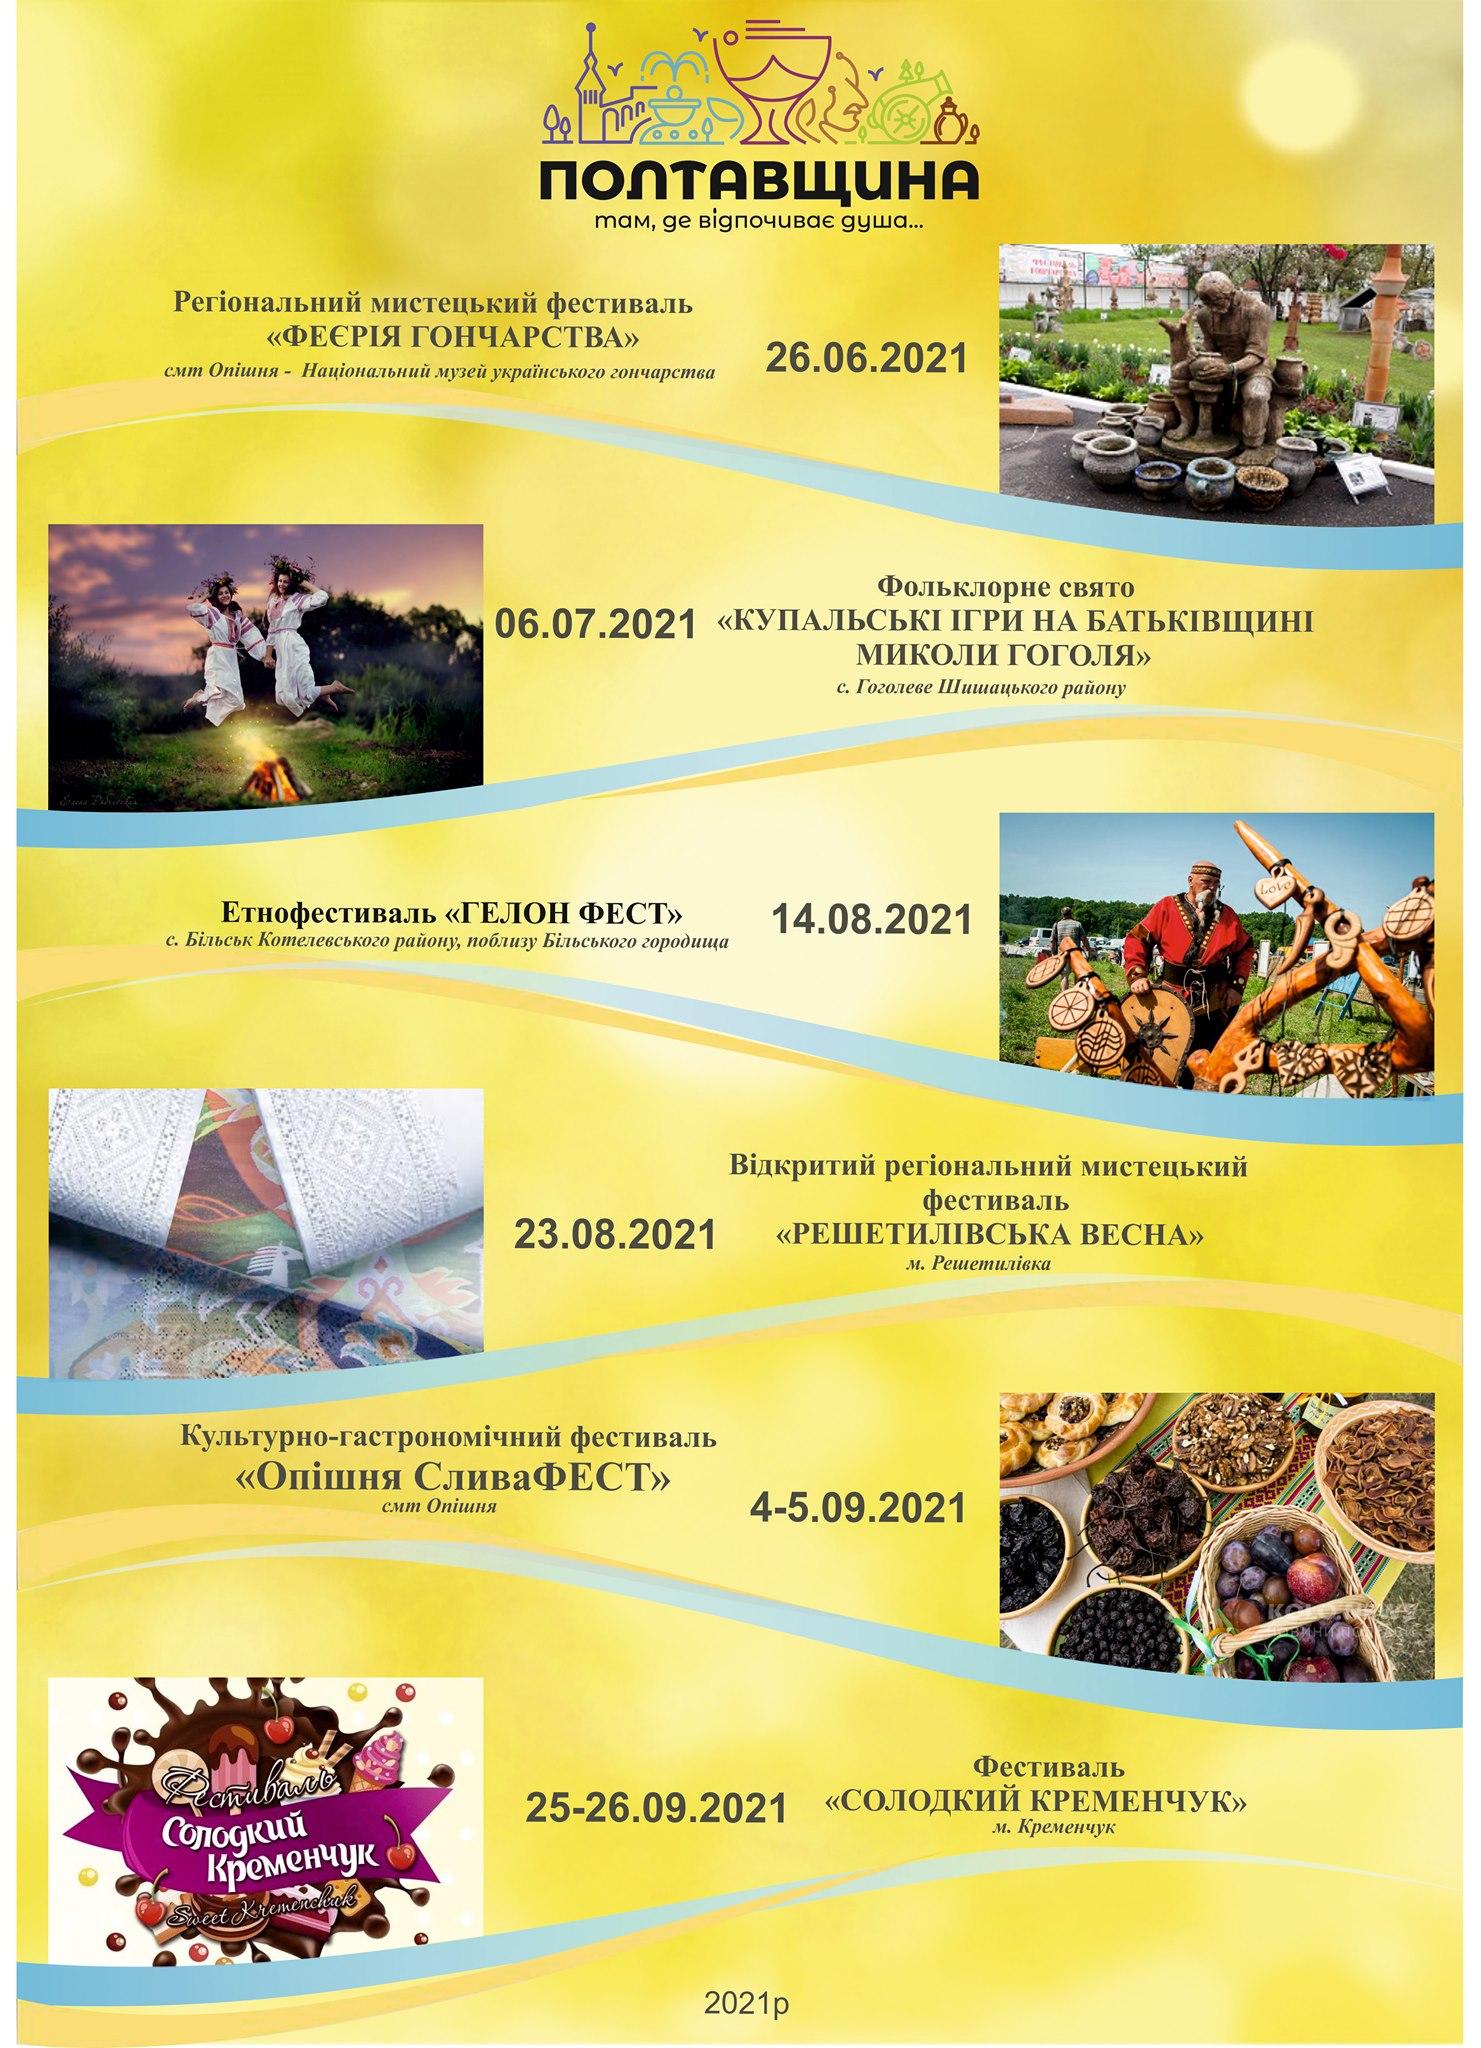 Фестивалі на Полтавщині: повідомили точні дати свят   Новини Полтавщини